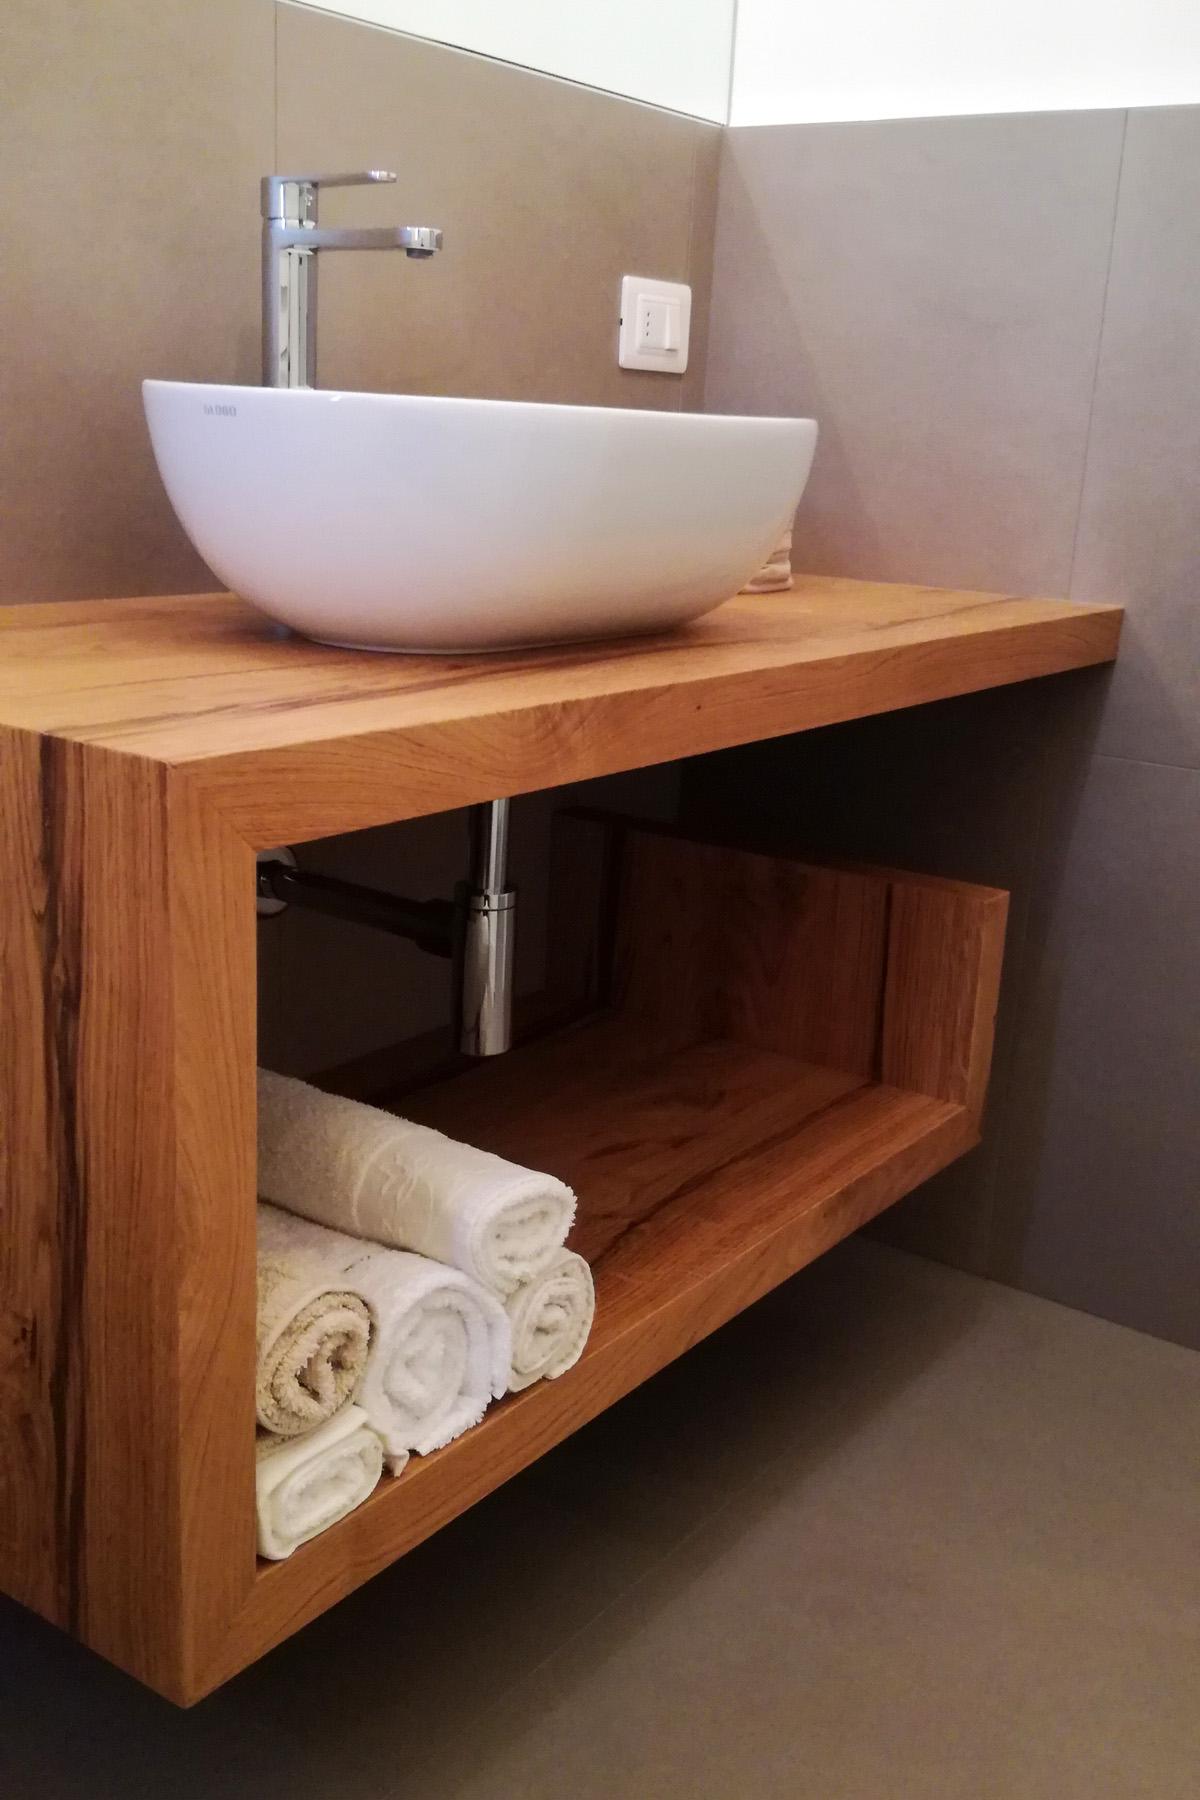 Mobile bagno con mensola sagomata in legno di rovere for Mobile bagno legno